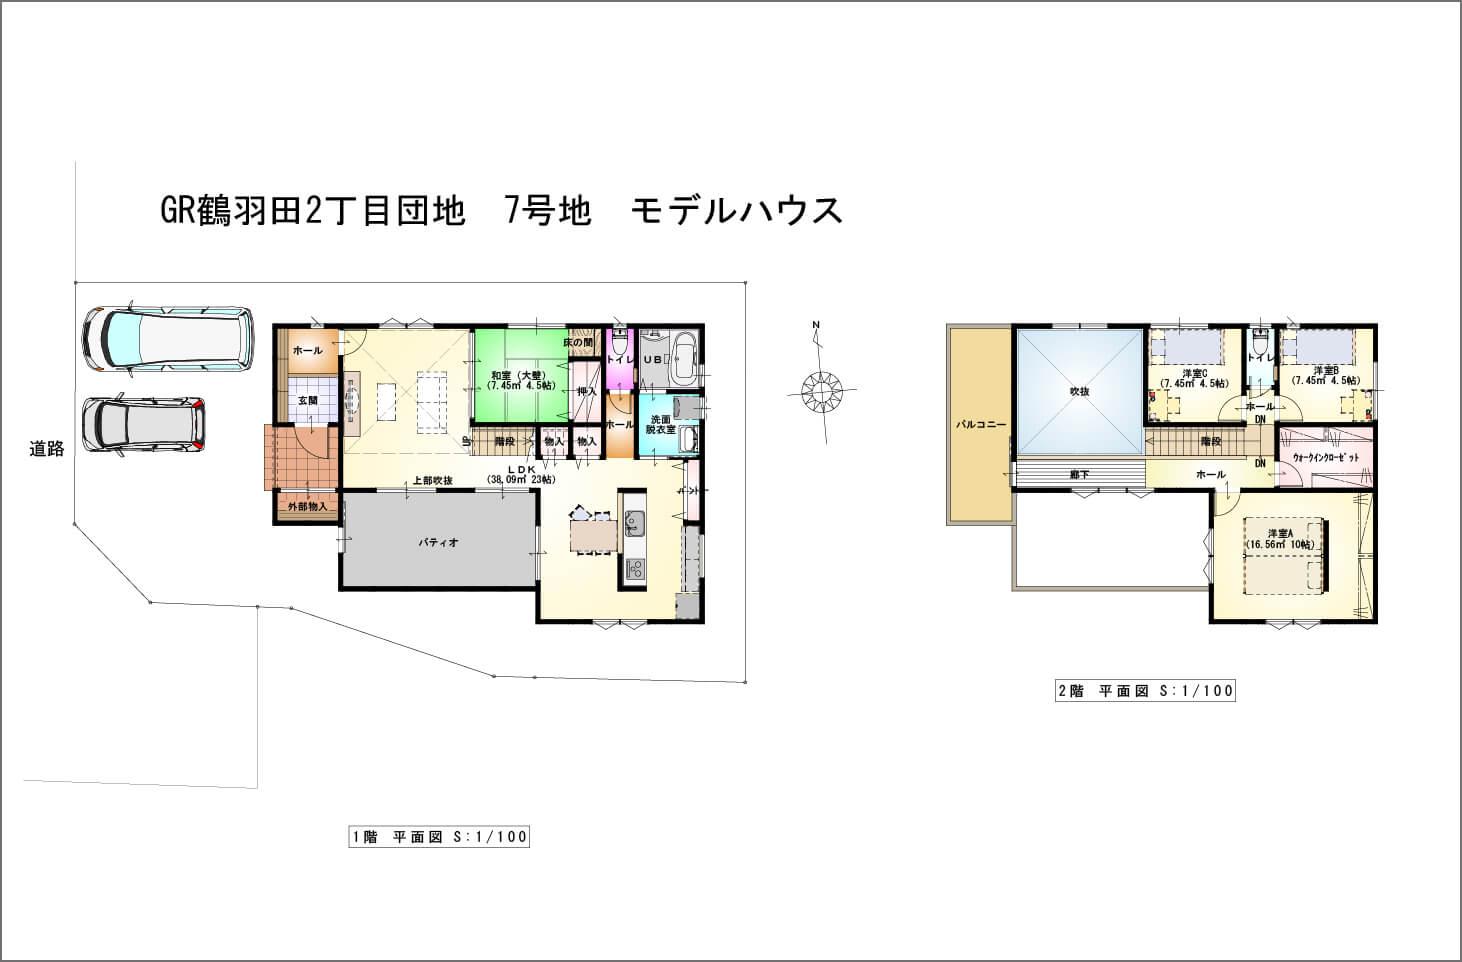 エクセランド鶴羽田2丁目7号地 間取り図